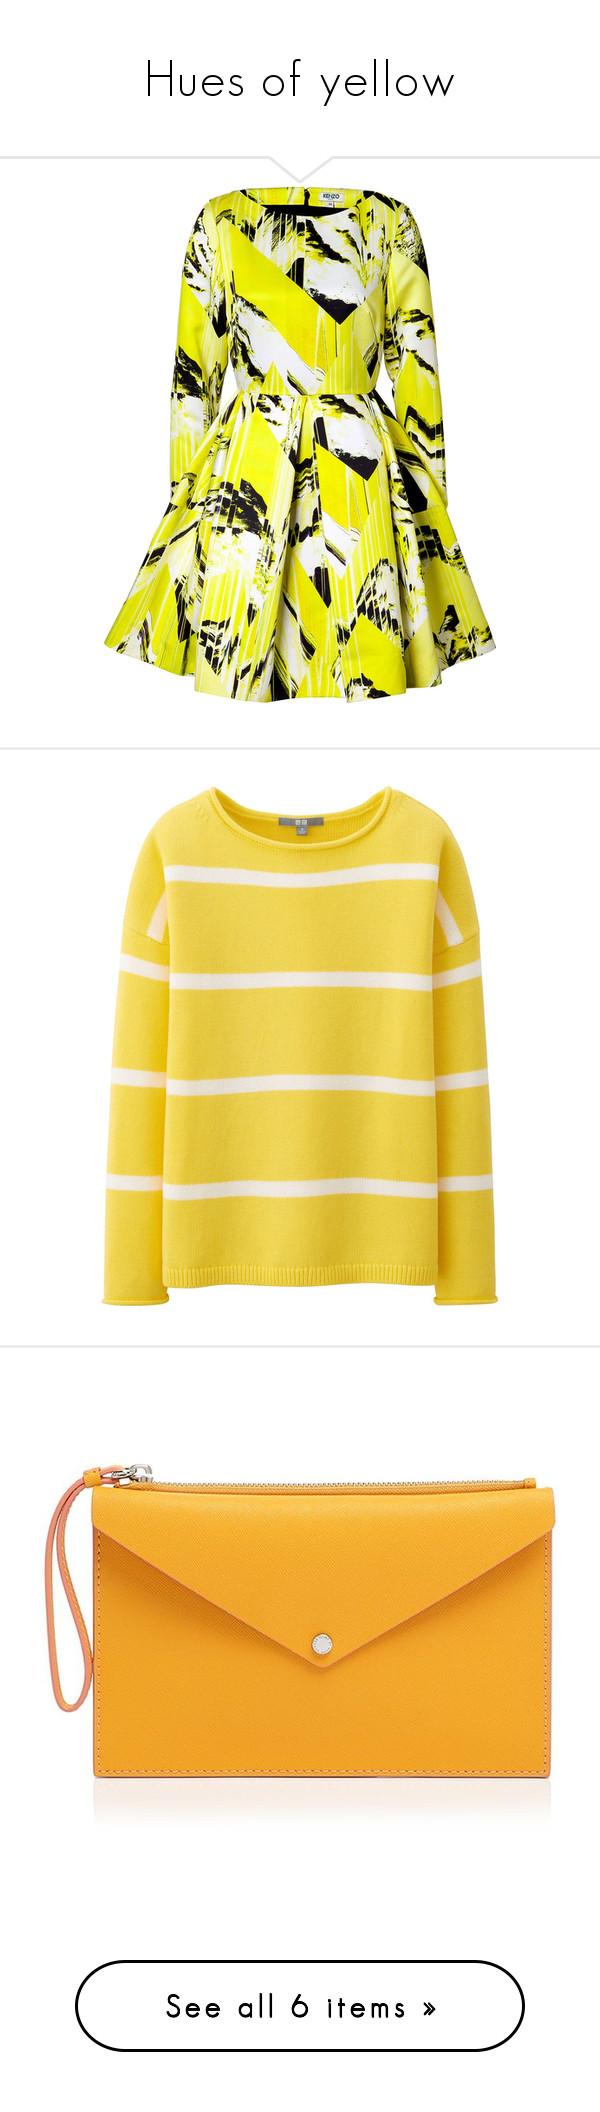 Hues of yellow